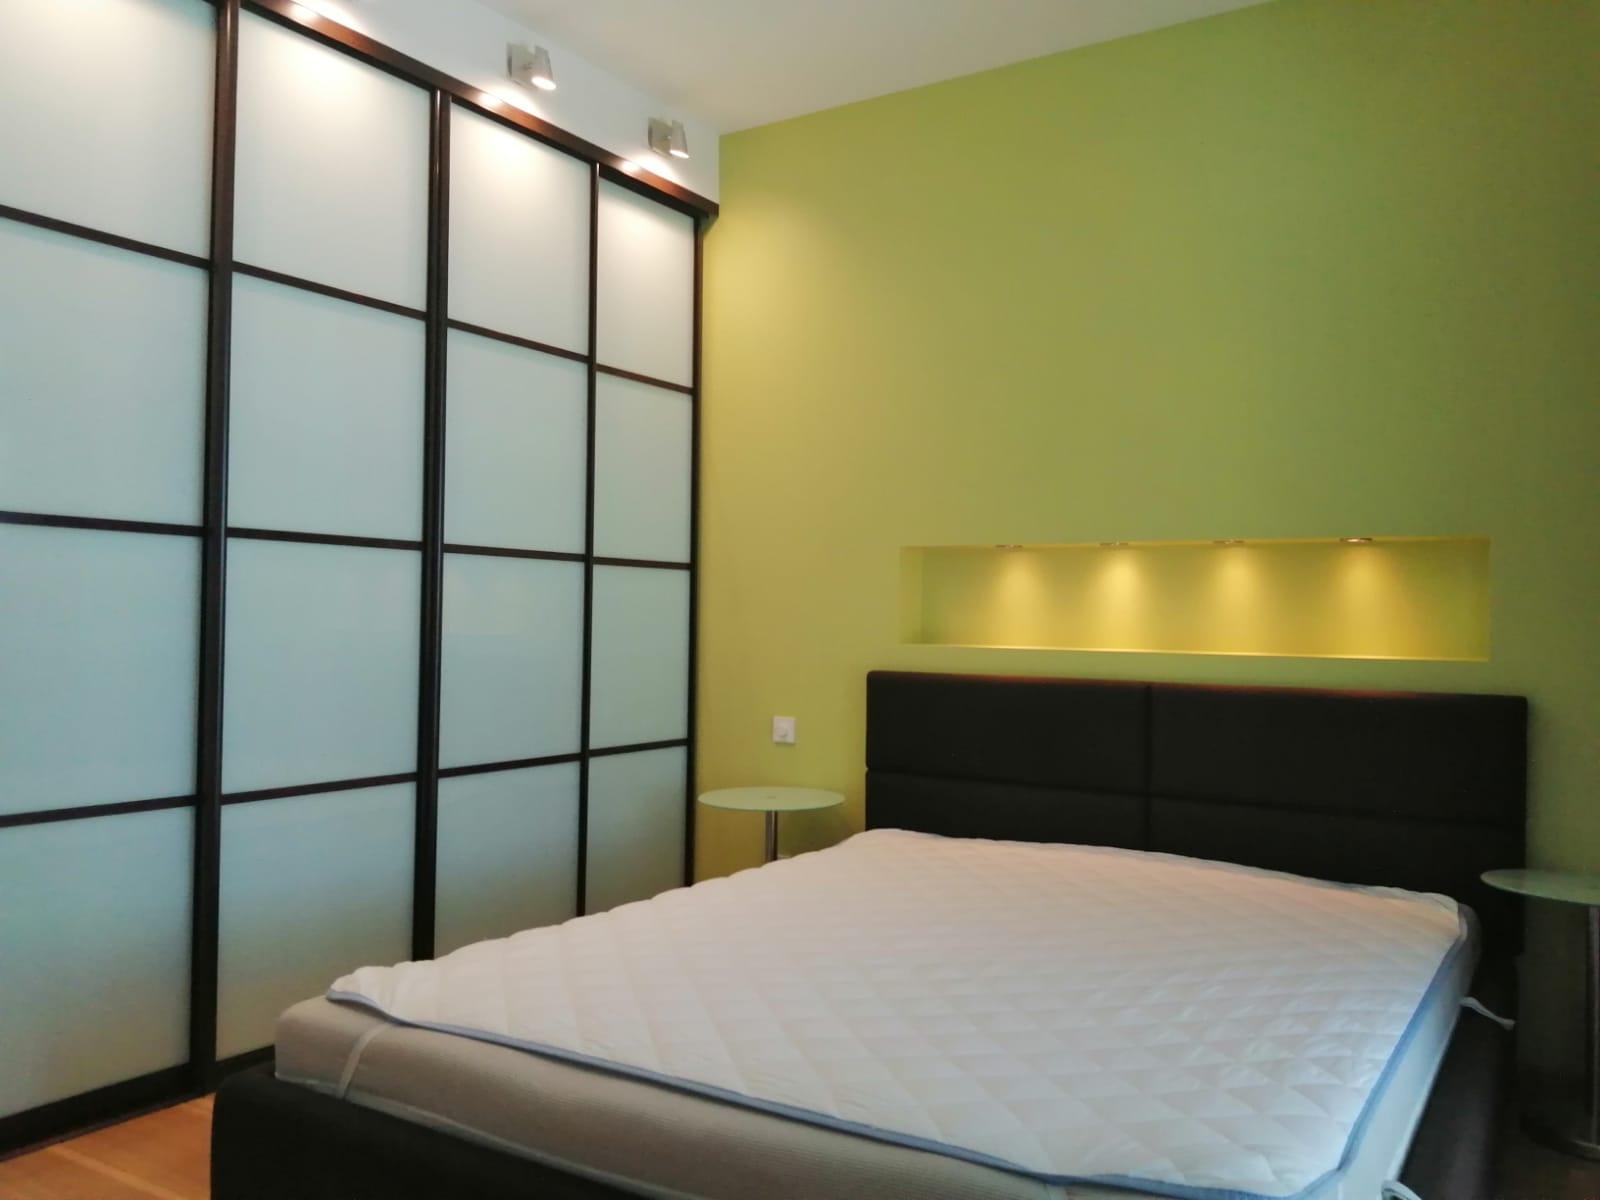 Izīrē modernu divistabu dzīvokli jaunajā projektā Teikā.